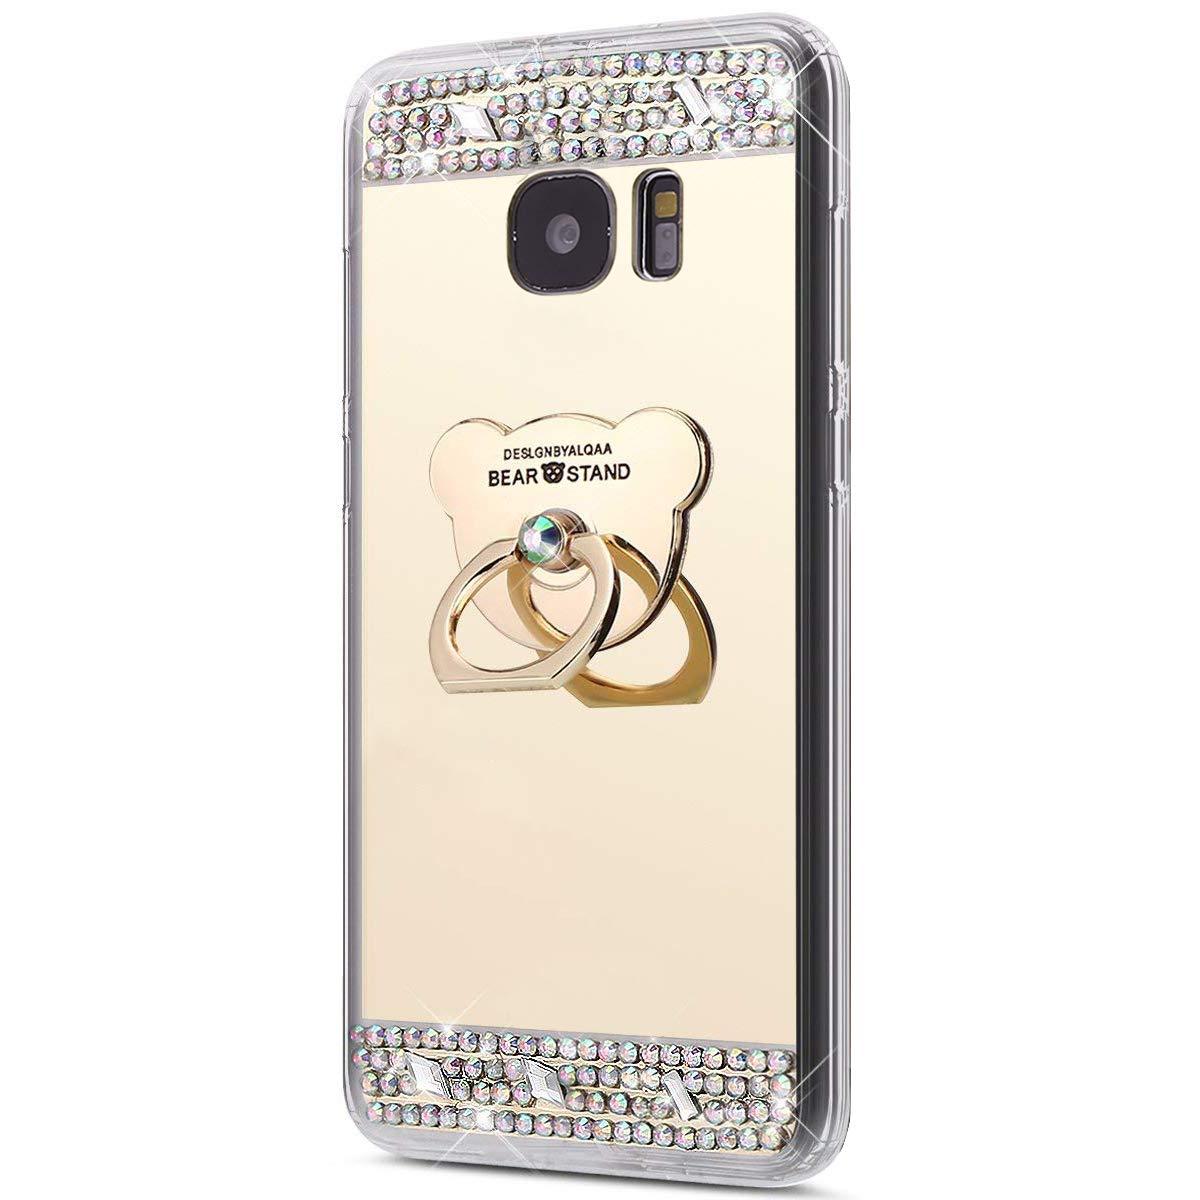 Galaxy S7 Hülle, Spiegel Hülle für Samsung Galaxy S7, Surakey Luxus Glitzer Strass Ring Stand Holder Bär Muster Schutzhülle für Samsung Galaxy S7 Weich Silikon Handyhülle Spiegel Hülle Mirror Effect, Neu Mode Cool Luxus Bling Glitzer Kristall Strass Diaman